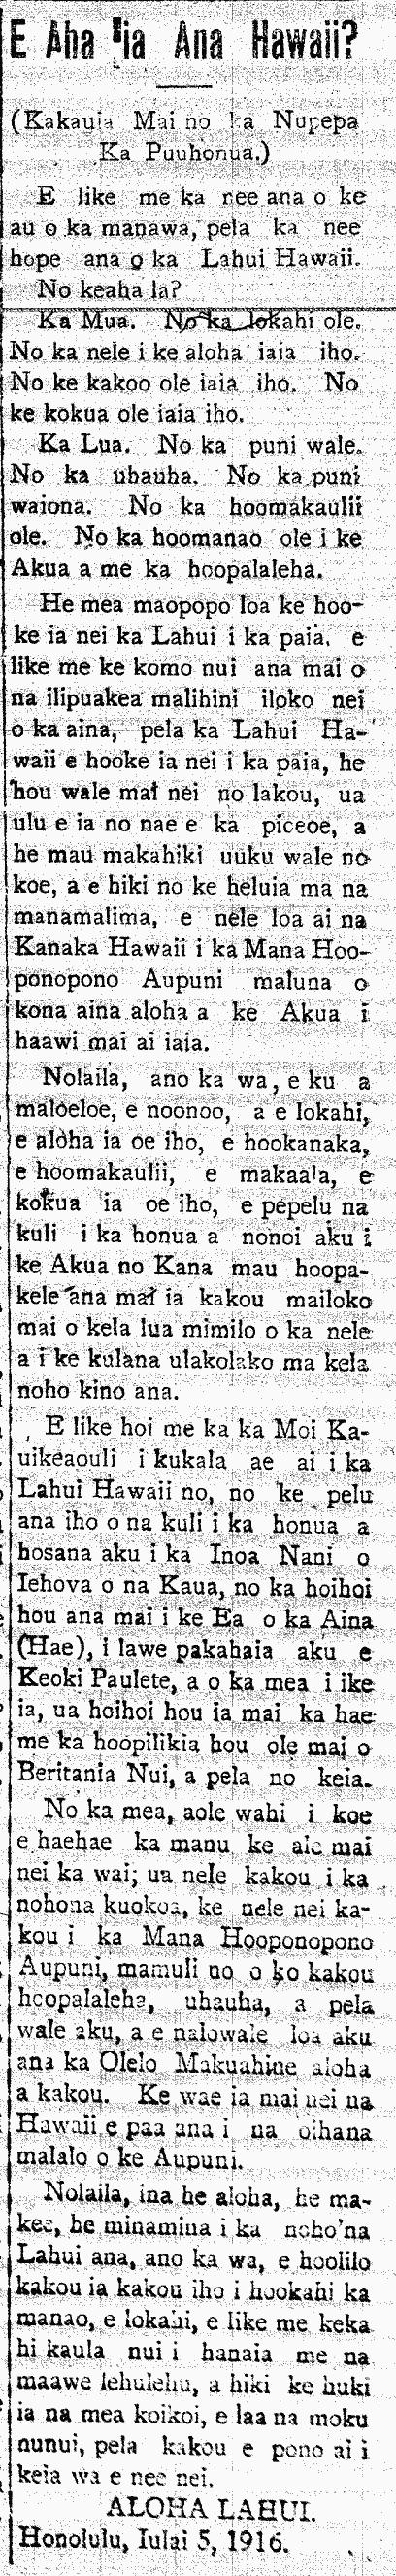 E Aha ia Ana Hawaii?